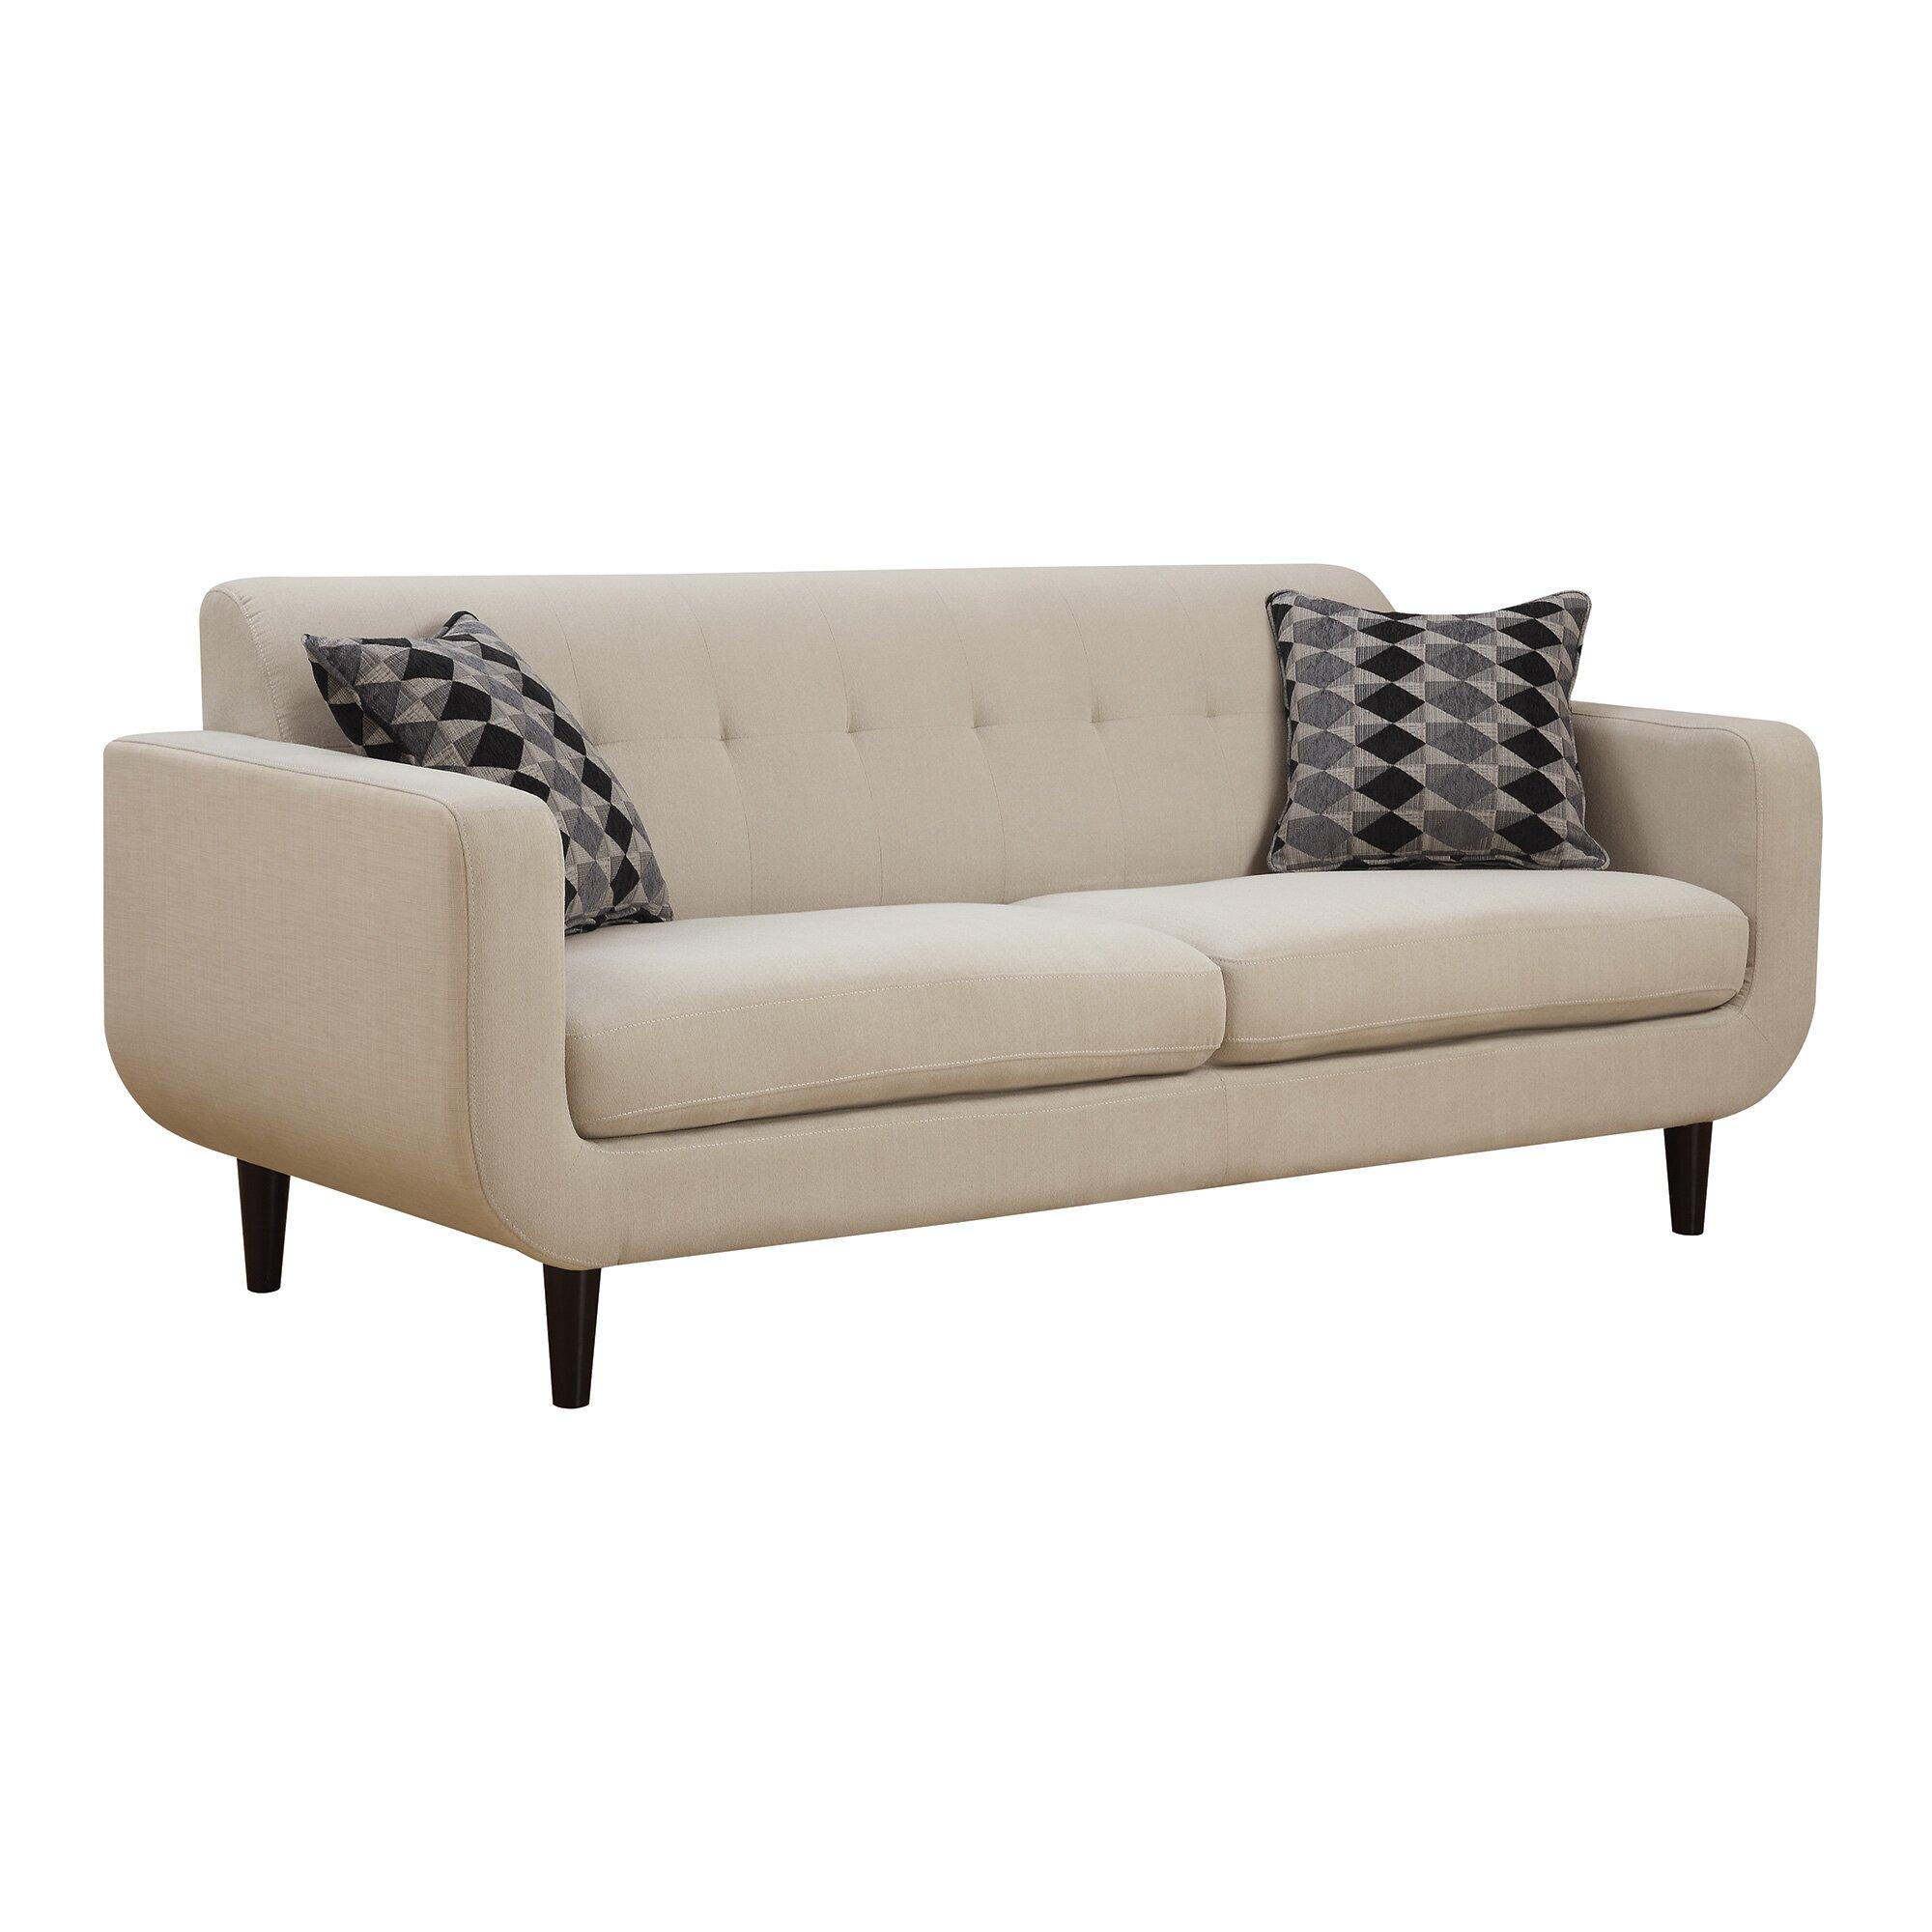 Wildon Home Stansall Sofa Reviews